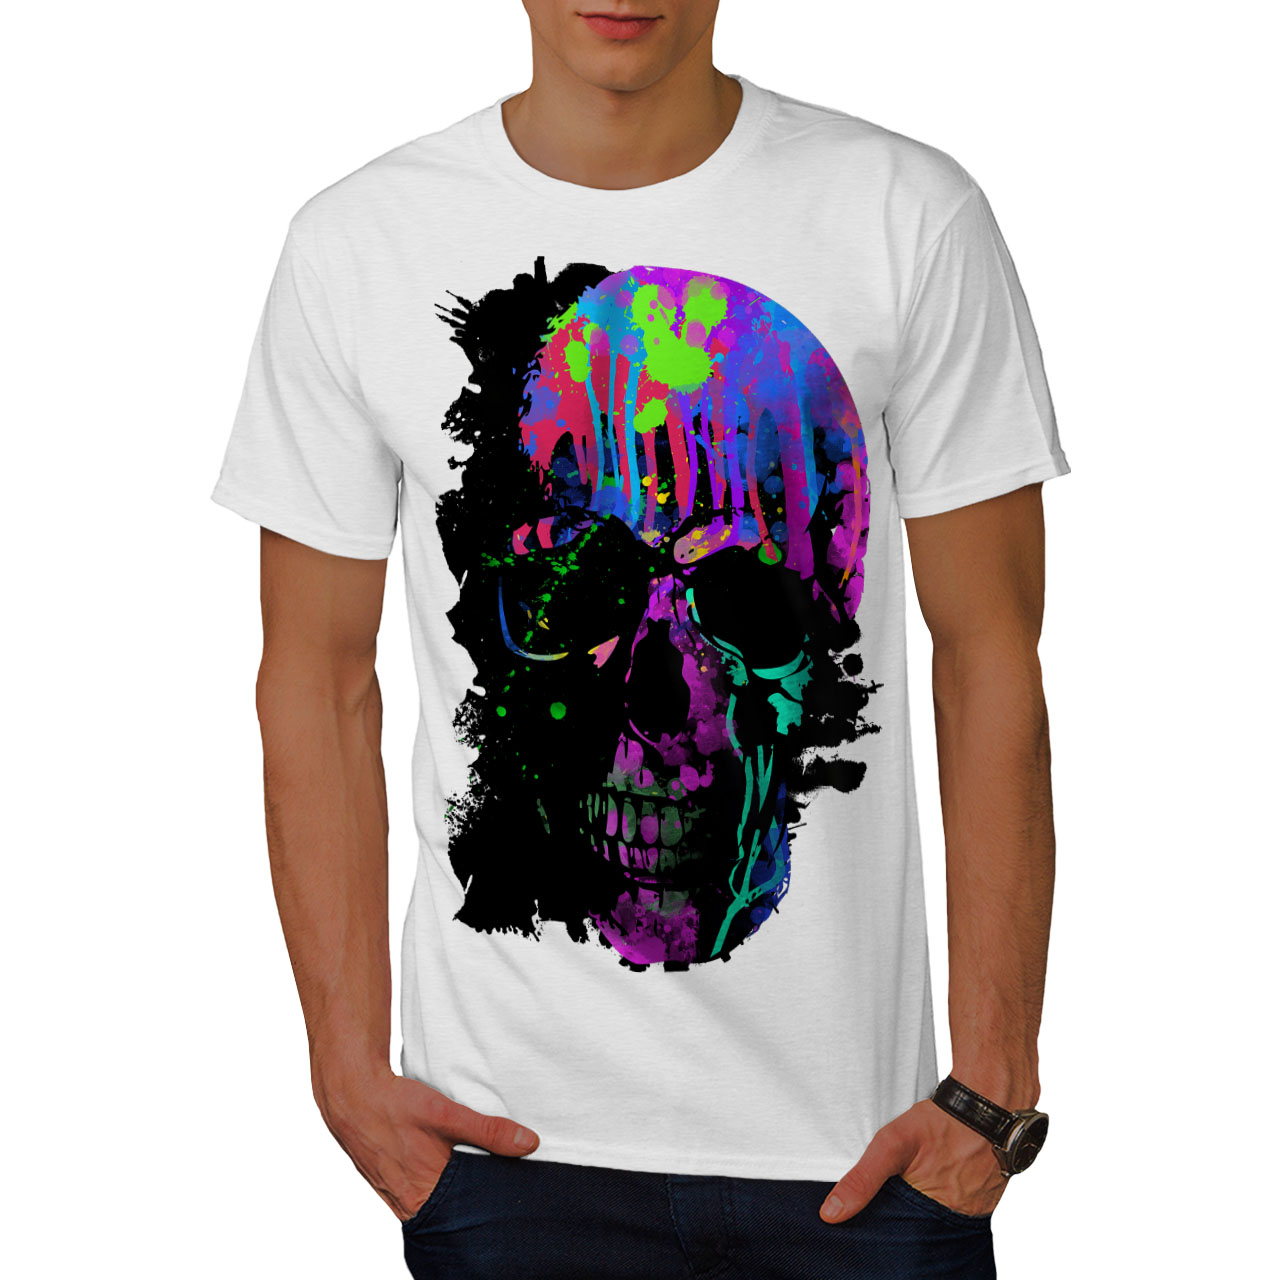 Buono Wellcoda Teschio Artistico Da Uomo T-shirt, Neon Notte Design Grafico Stampato T-shirt- Ufficiale 2019